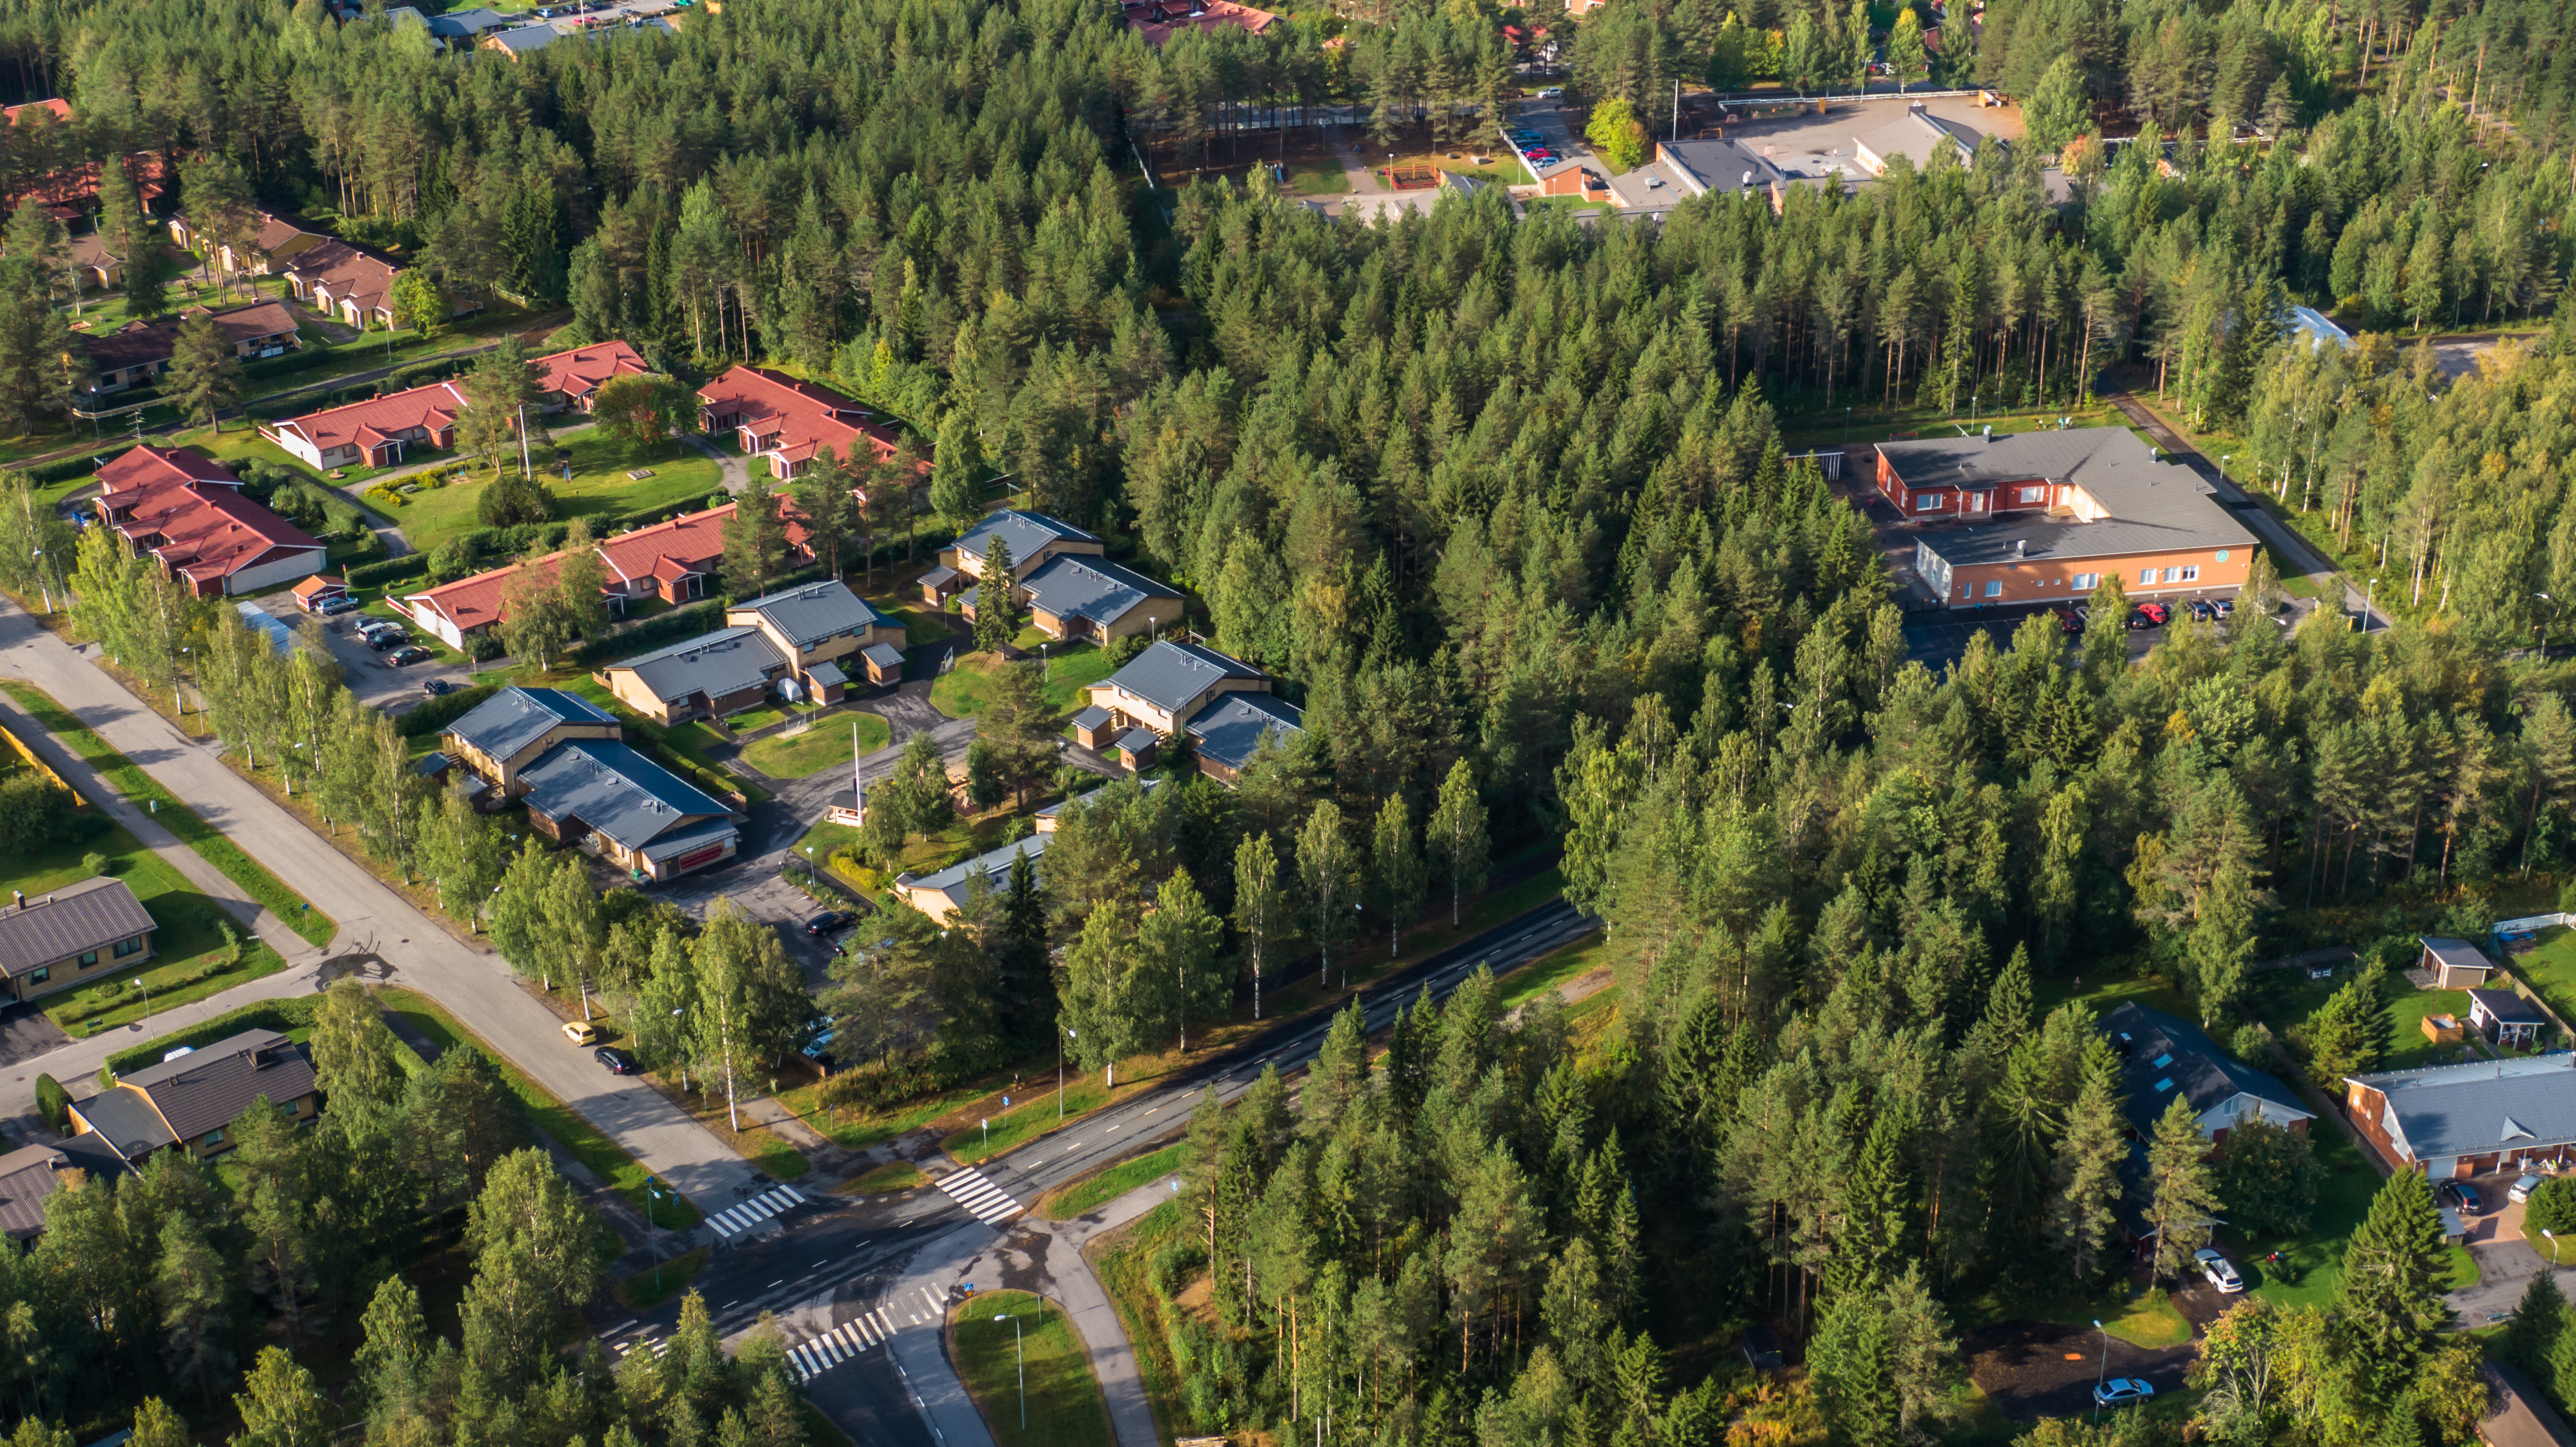 Kesällä dronen avulla otettu ilmakuva: Oulu, Hönttämäki. Maisemaa alueelta. Puita ja taloja.